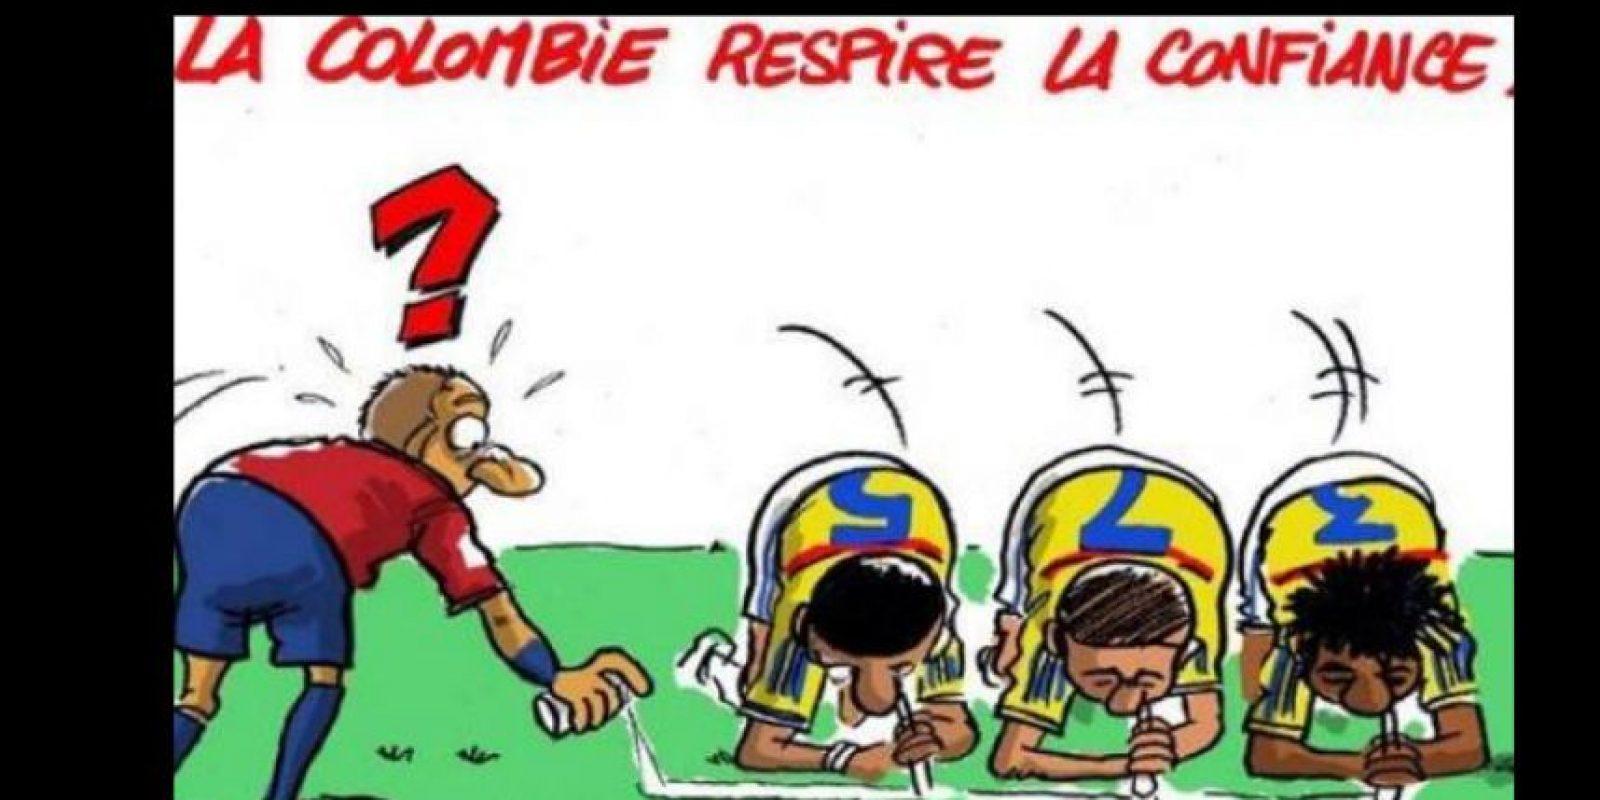 Como si no bastara, el caricaturista Pascal Padr hizo esto y fue tanto el escándalo, que lo amenazaron de muerte. Foto:vía Twitter